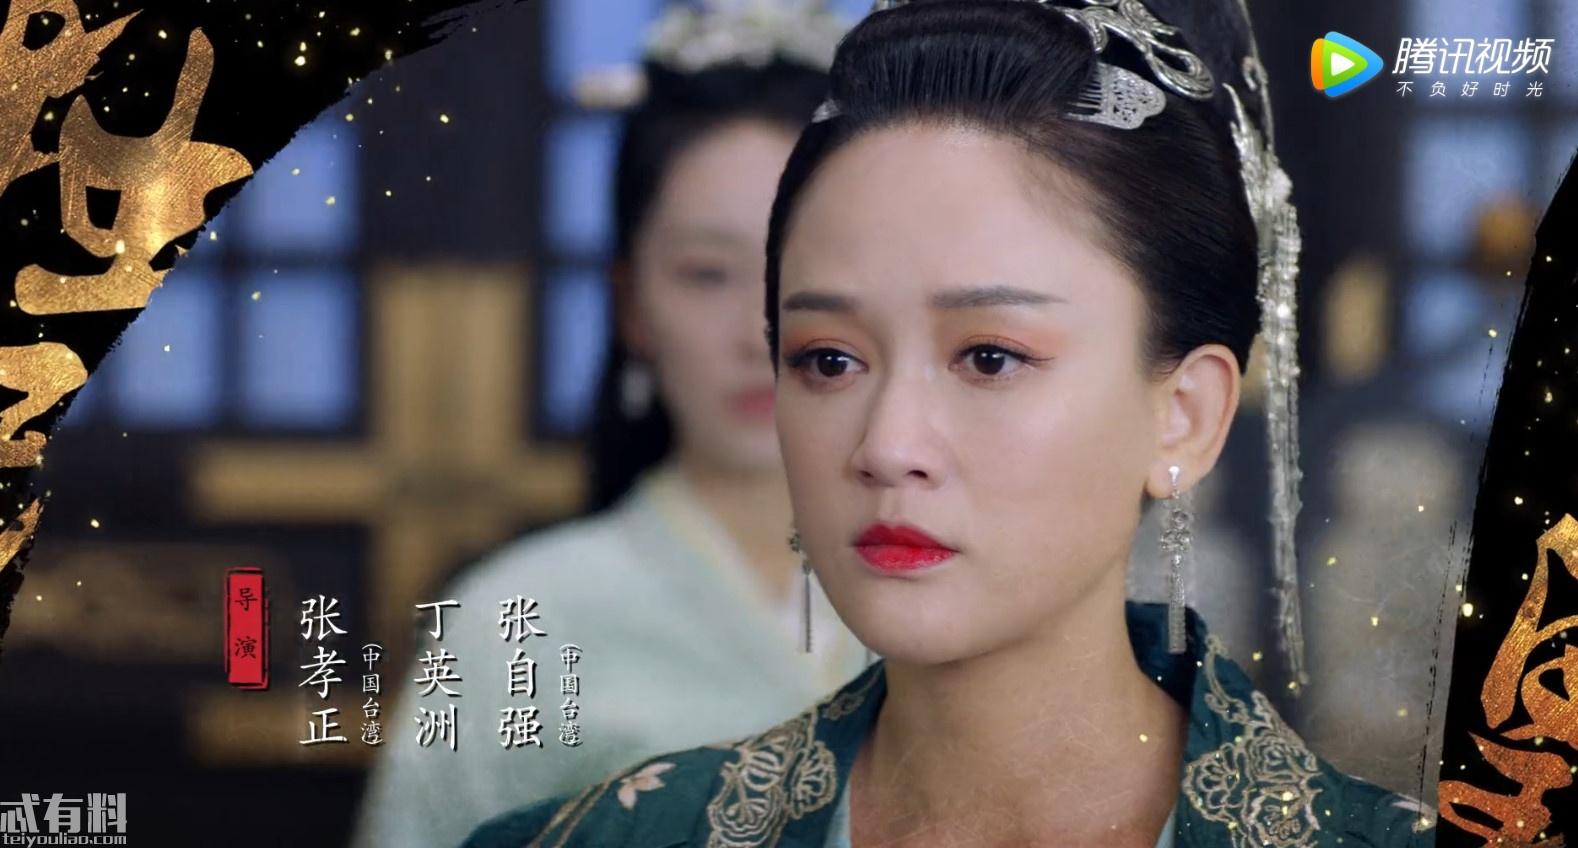 《独孤皇后》杨坚伽罗结局怎么样?伽罗终究还是败给了它!